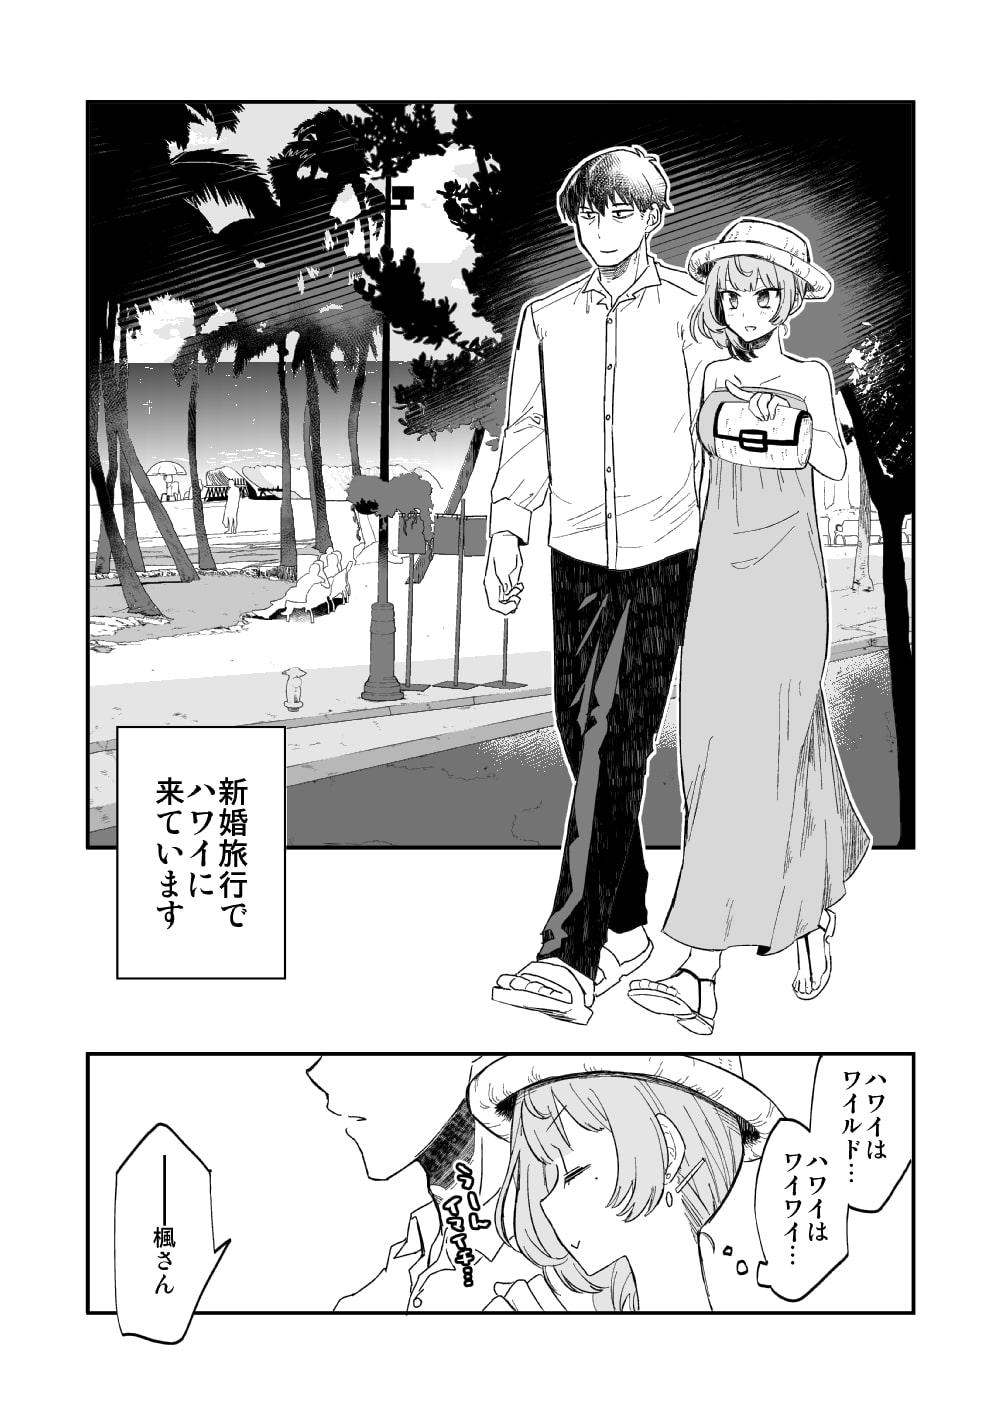 武○Pと楓さんが新婚旅行で子作り解禁Hをする本